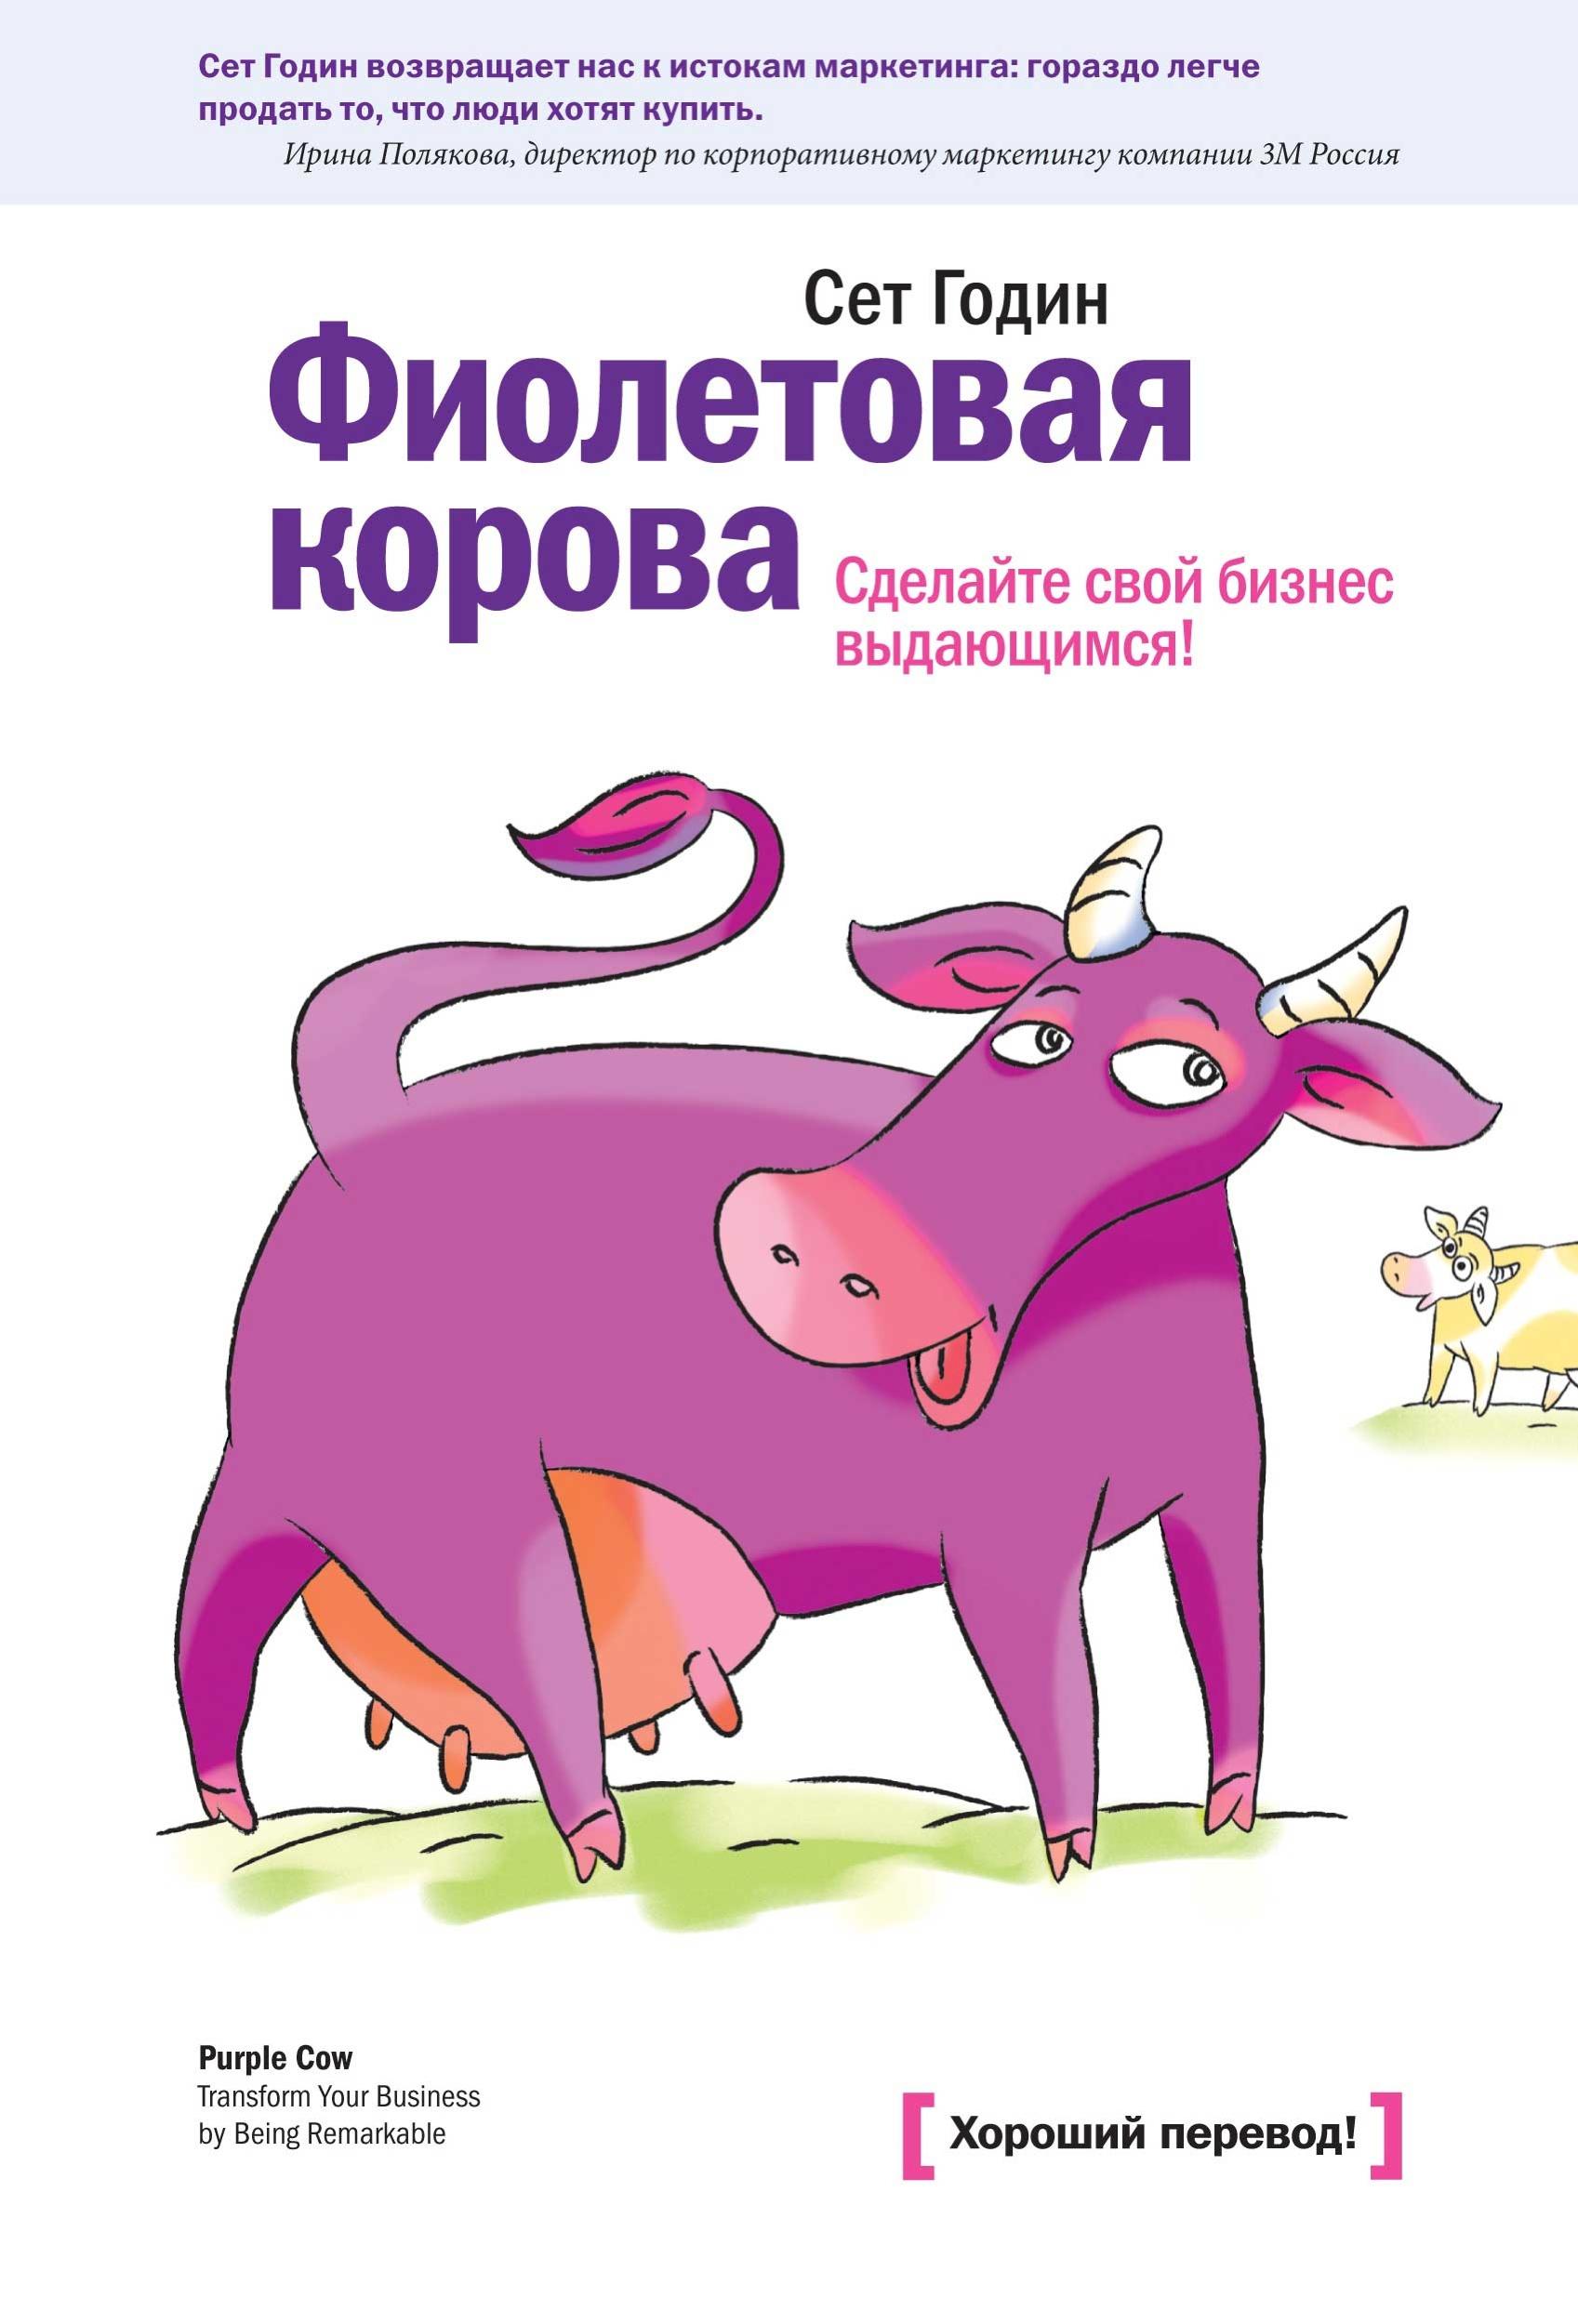 Фиолетовая корова. Сделайте свой бизнес выдающимся!. Автор — Сет Годин.